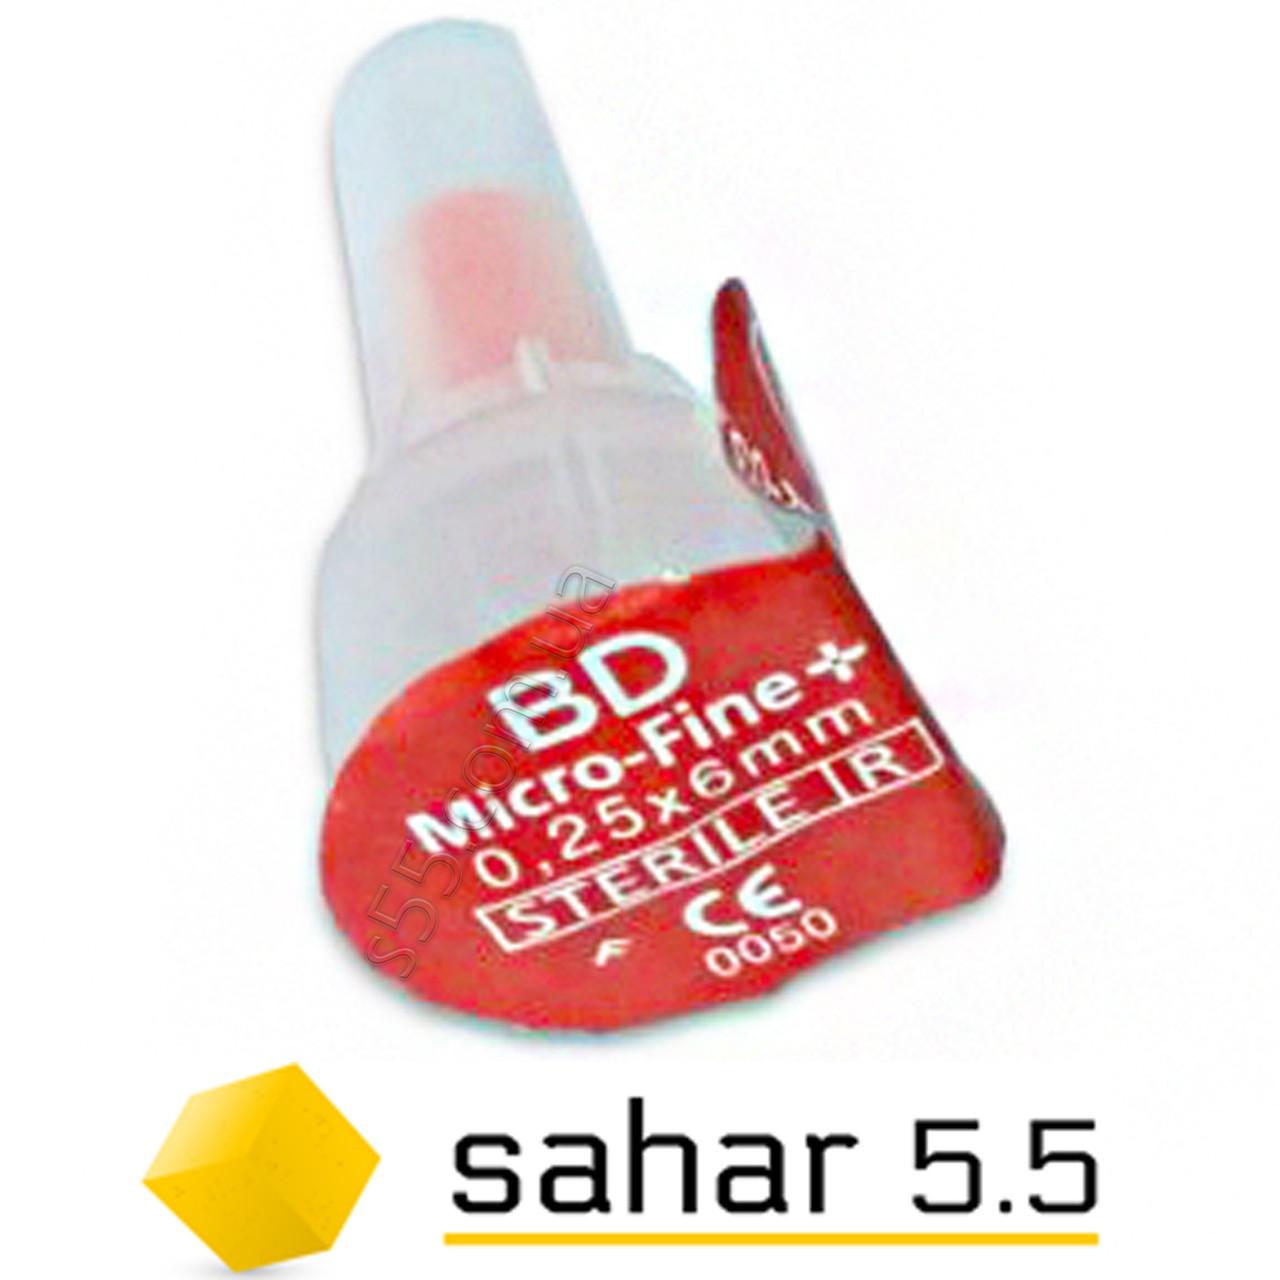 Поштучно иглы инсулиновые Микро-Файн 6мм, 100шт. - BD Micro-Fine Plus 31G